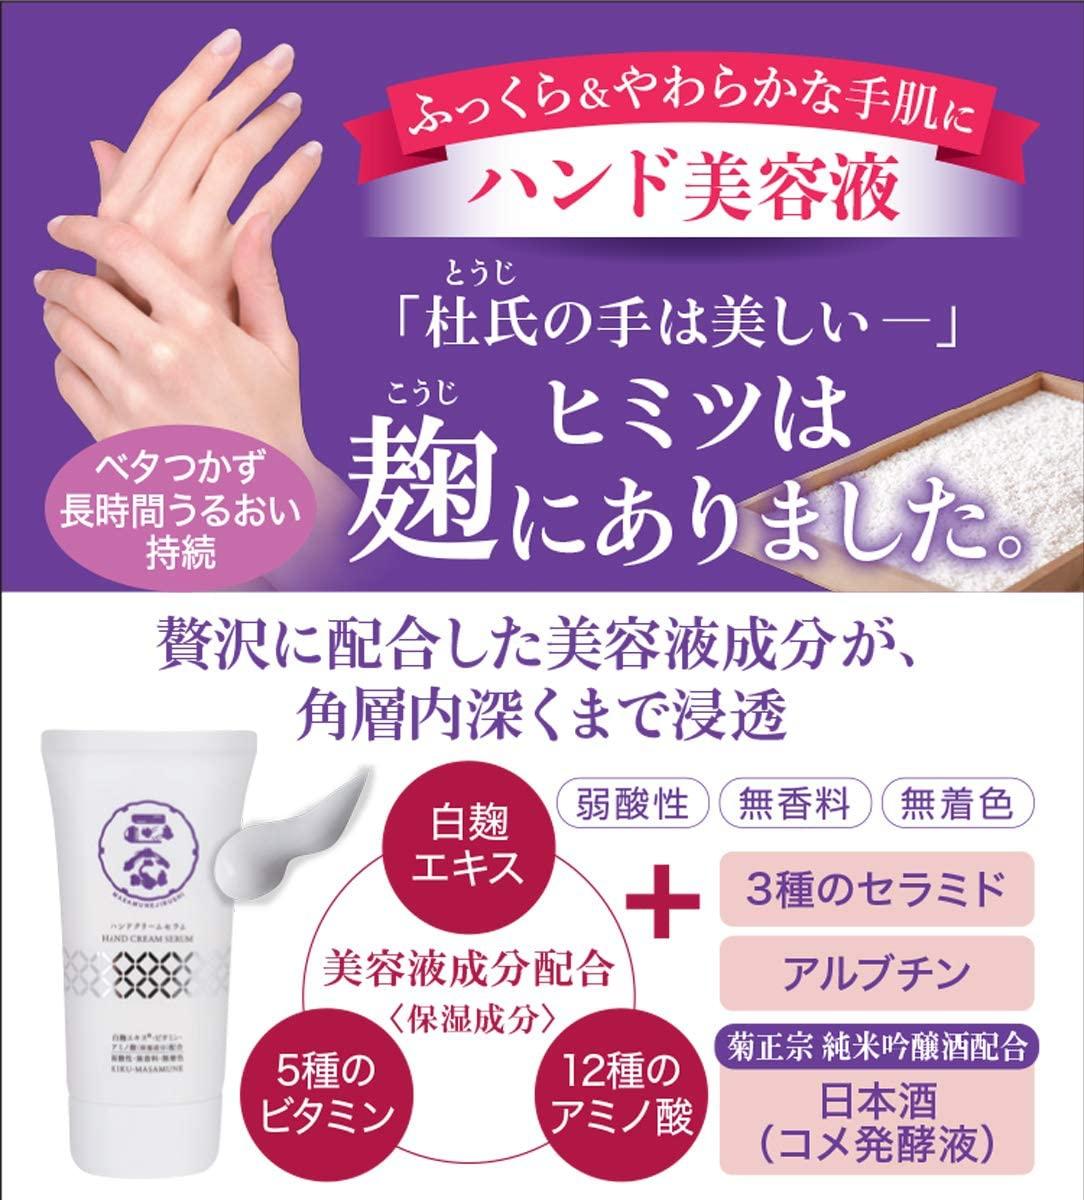 菊正宗(キクマサムネ) ハンドクリームセラムの商品画像3